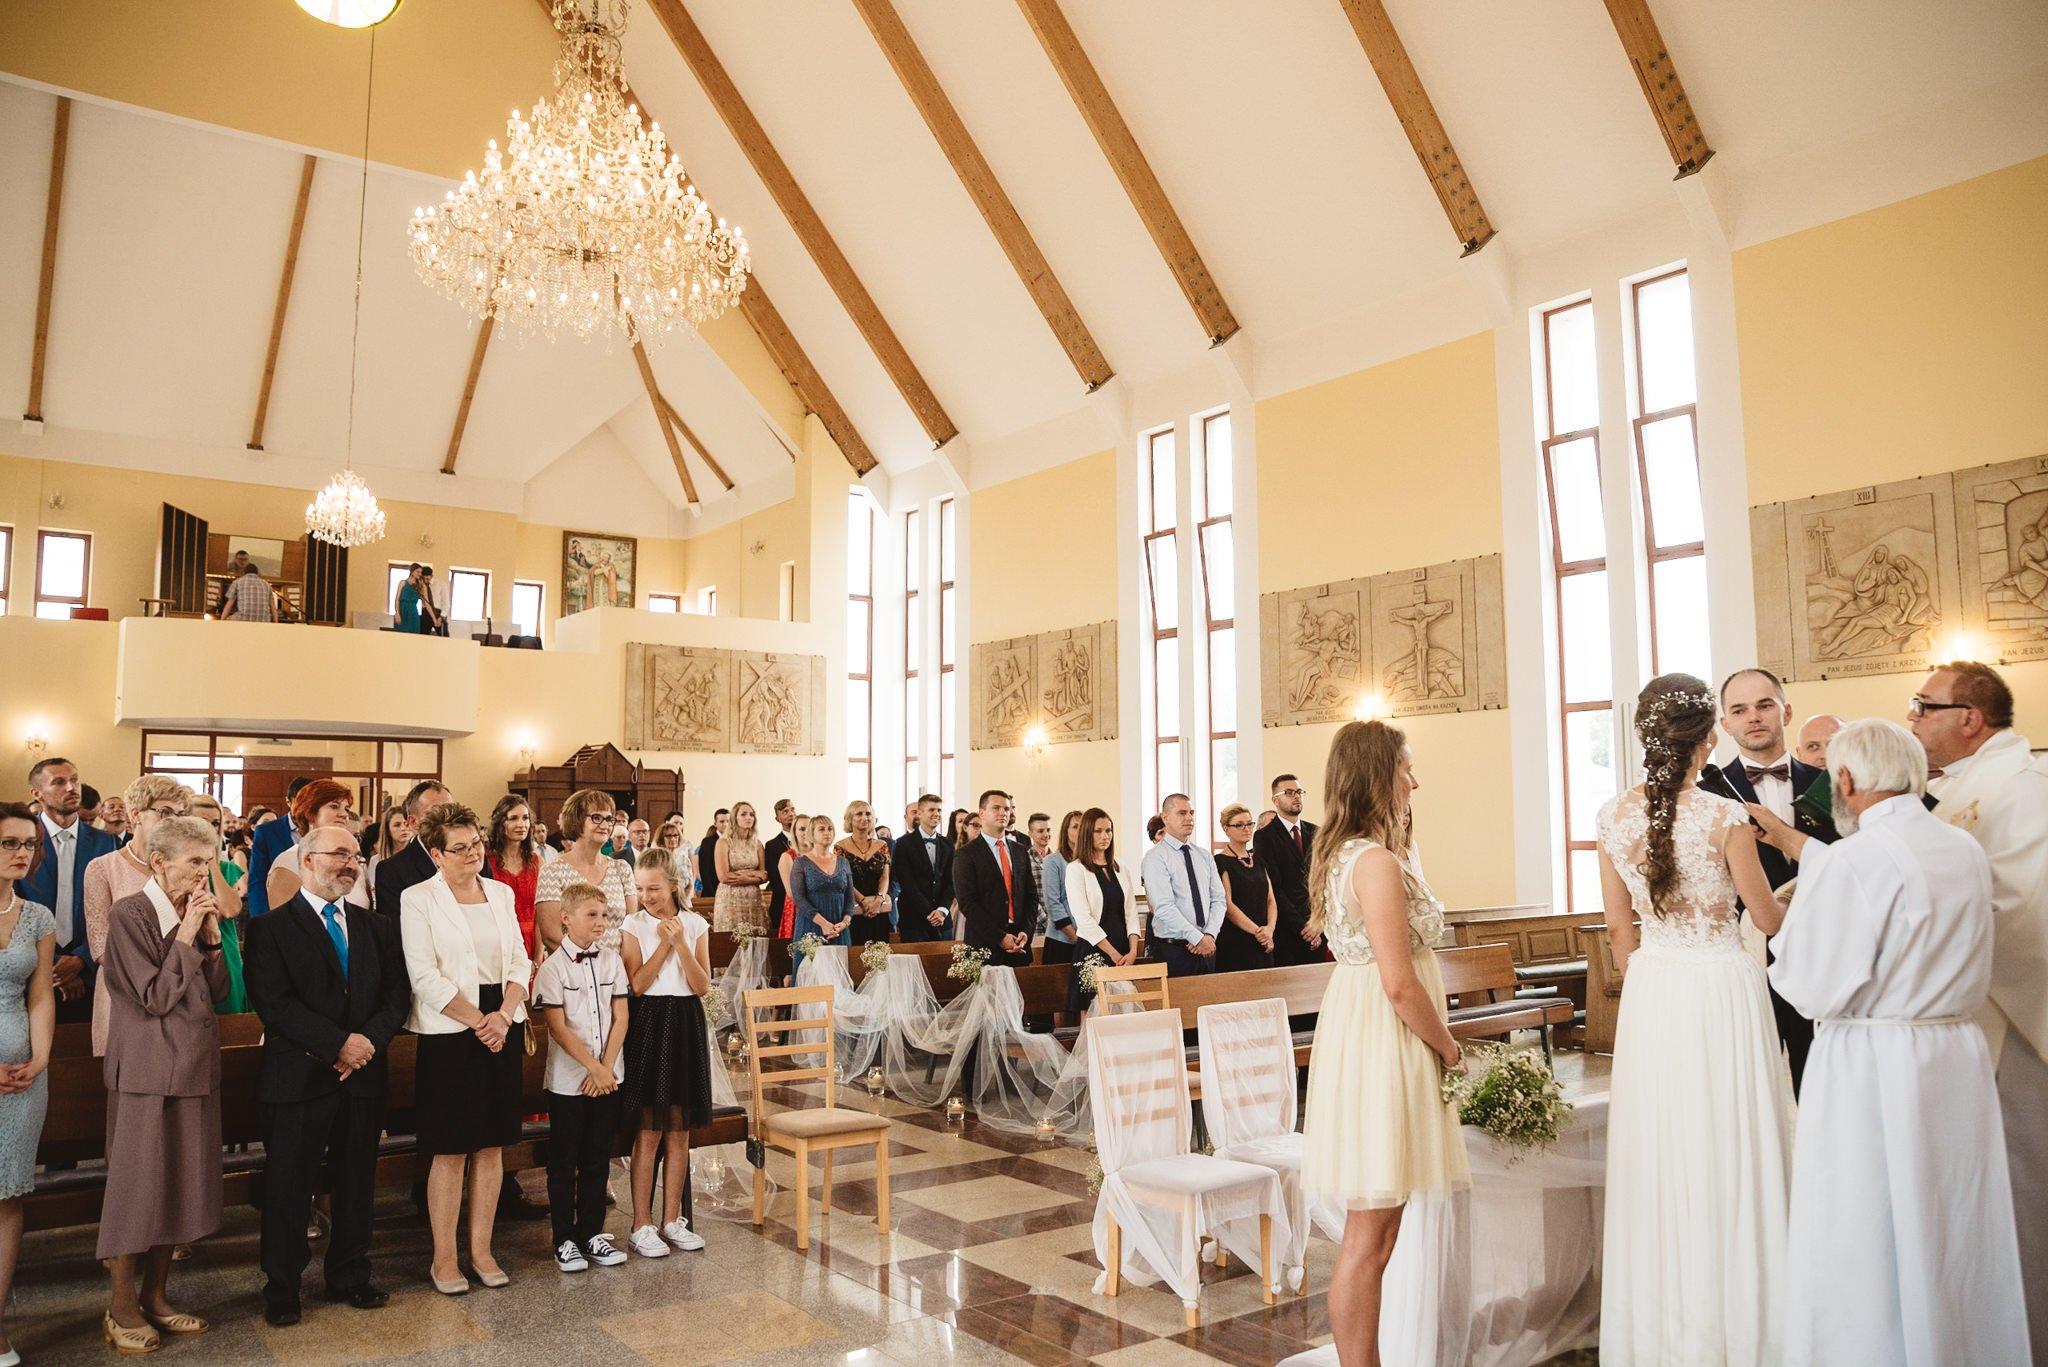 Ala i Arek, czyli jak zorganizować ślub i wesele w 4 tygodnie! 99